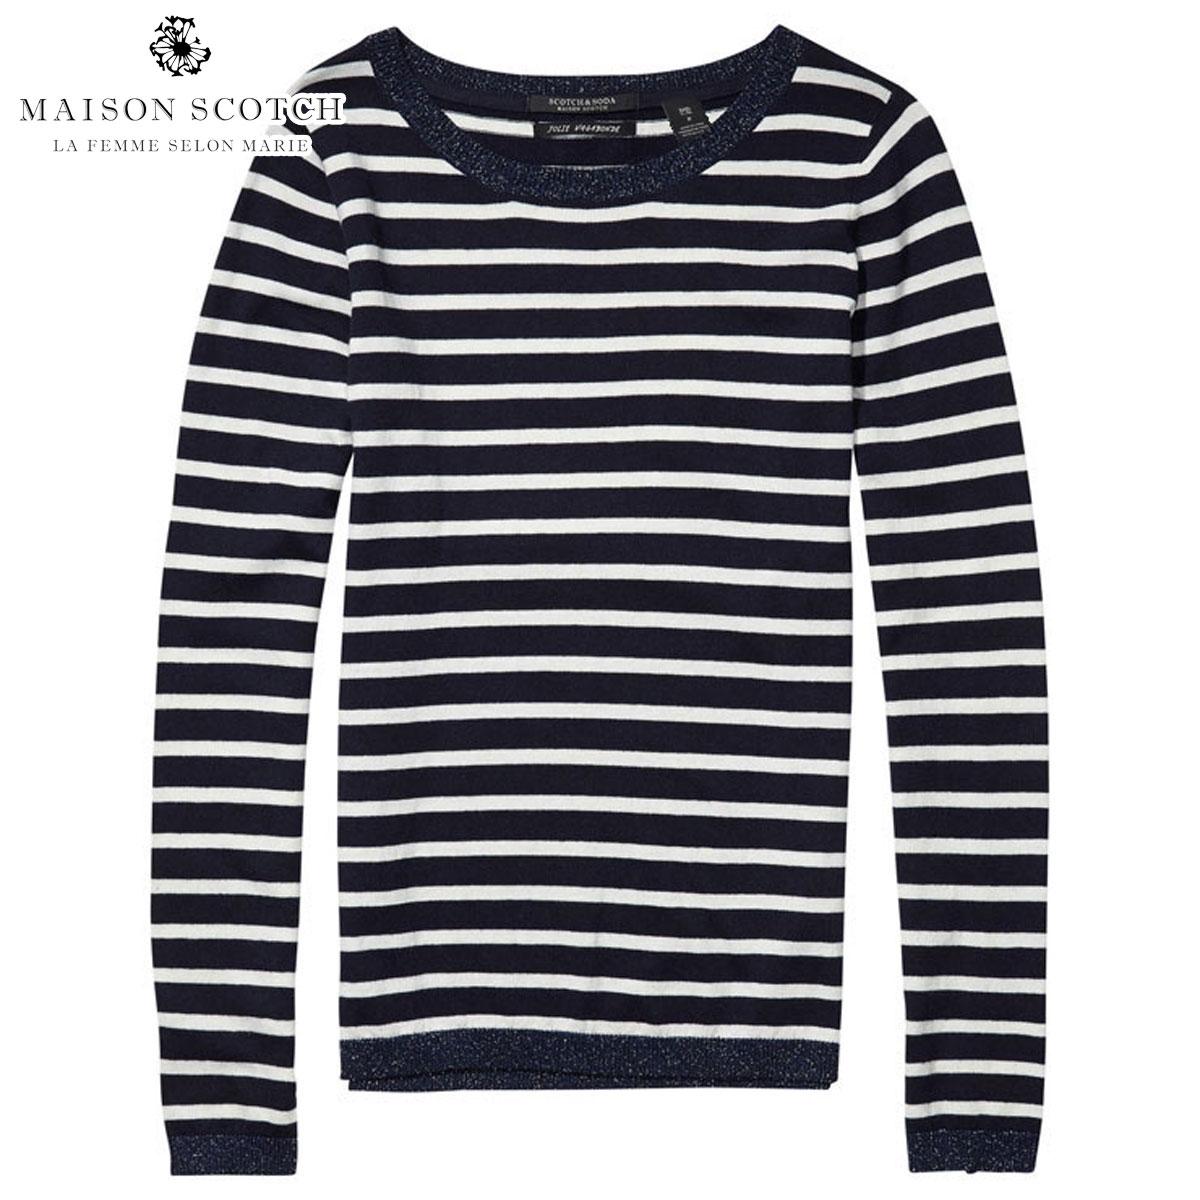 メゾンスコッチ MAISON SCOTCH 正規販売店 レディース 長袖Tシャツ Basic pullover with rib details 102206 17 D00S20